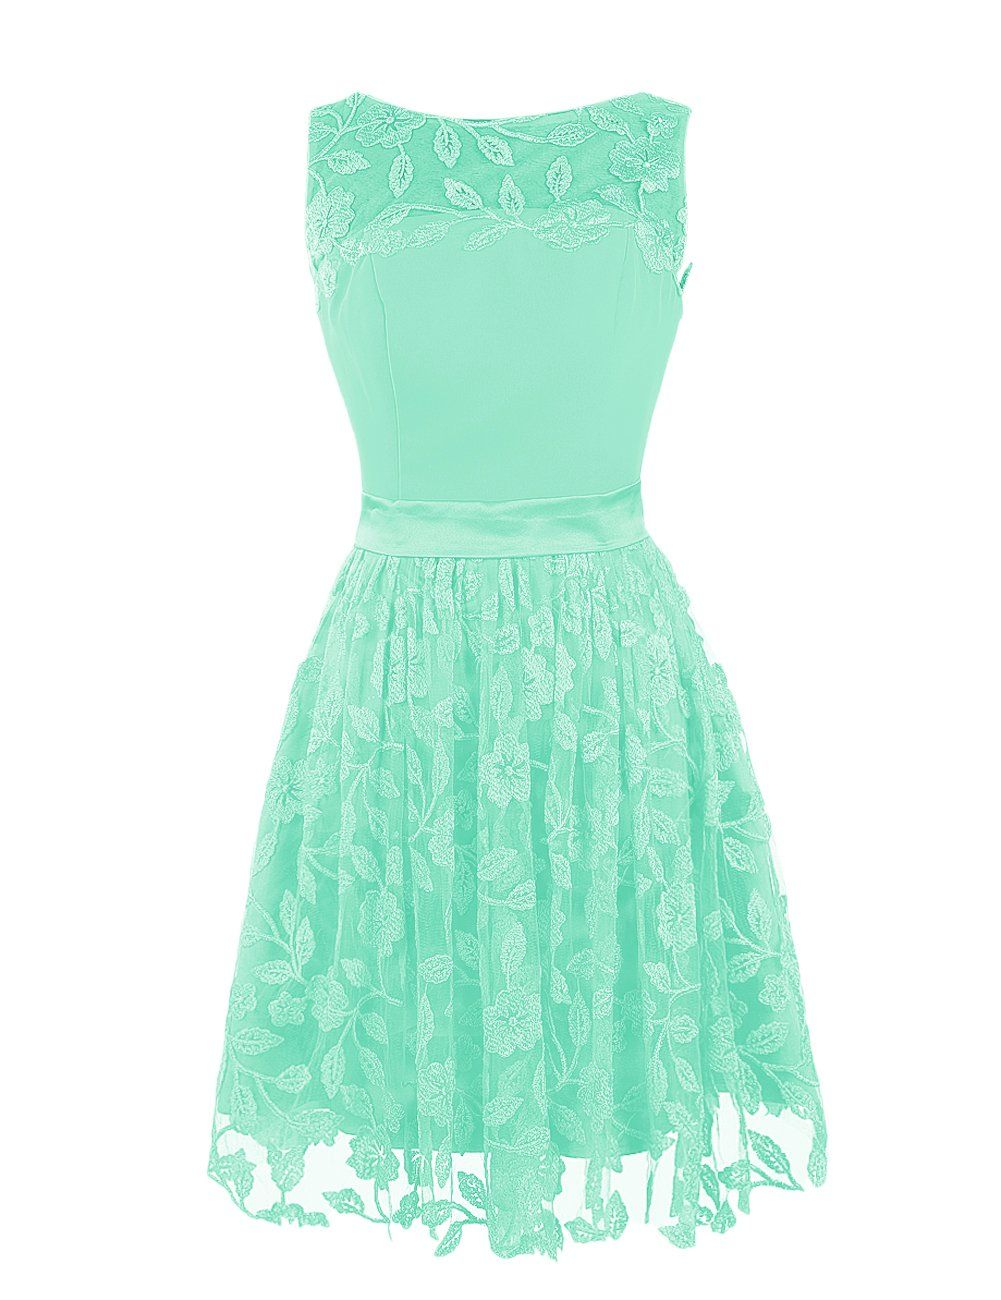 Dressystar short bateau chiffon bridesmaid dress with embroid aline